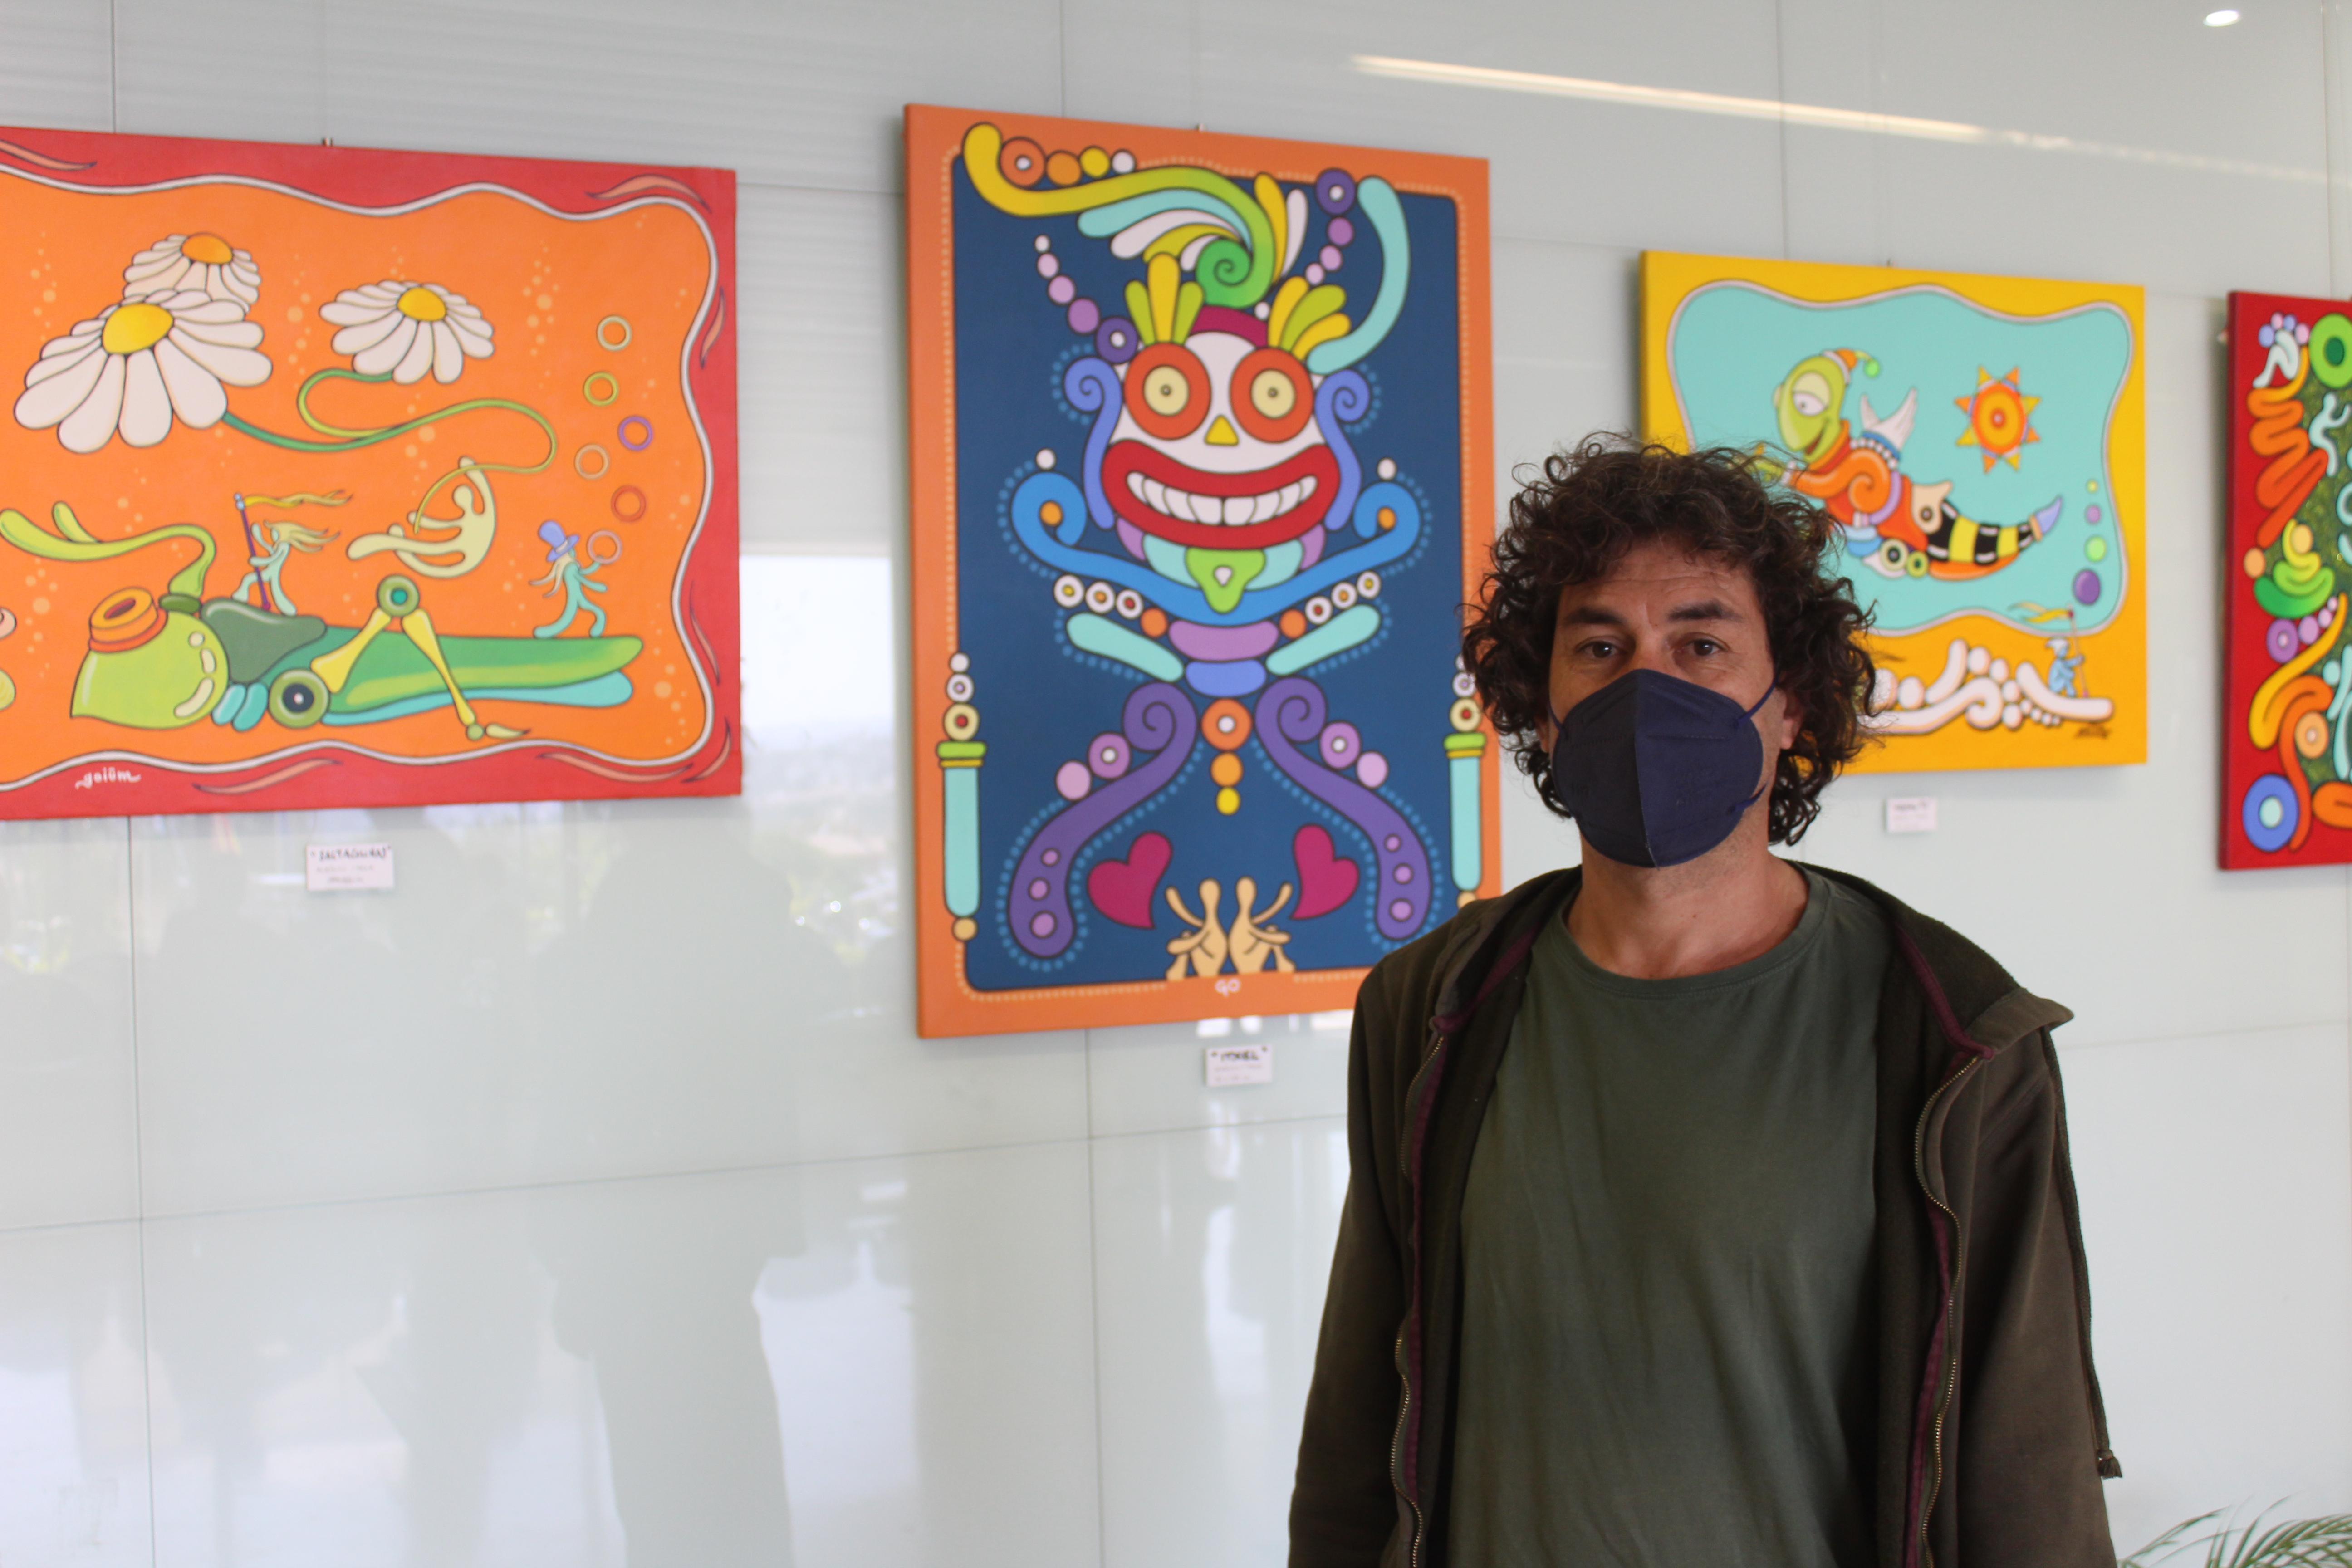 El Hospital de la Axarquía acoge la exposición 'Fábula' del pintor veleño Pablo Berenguer